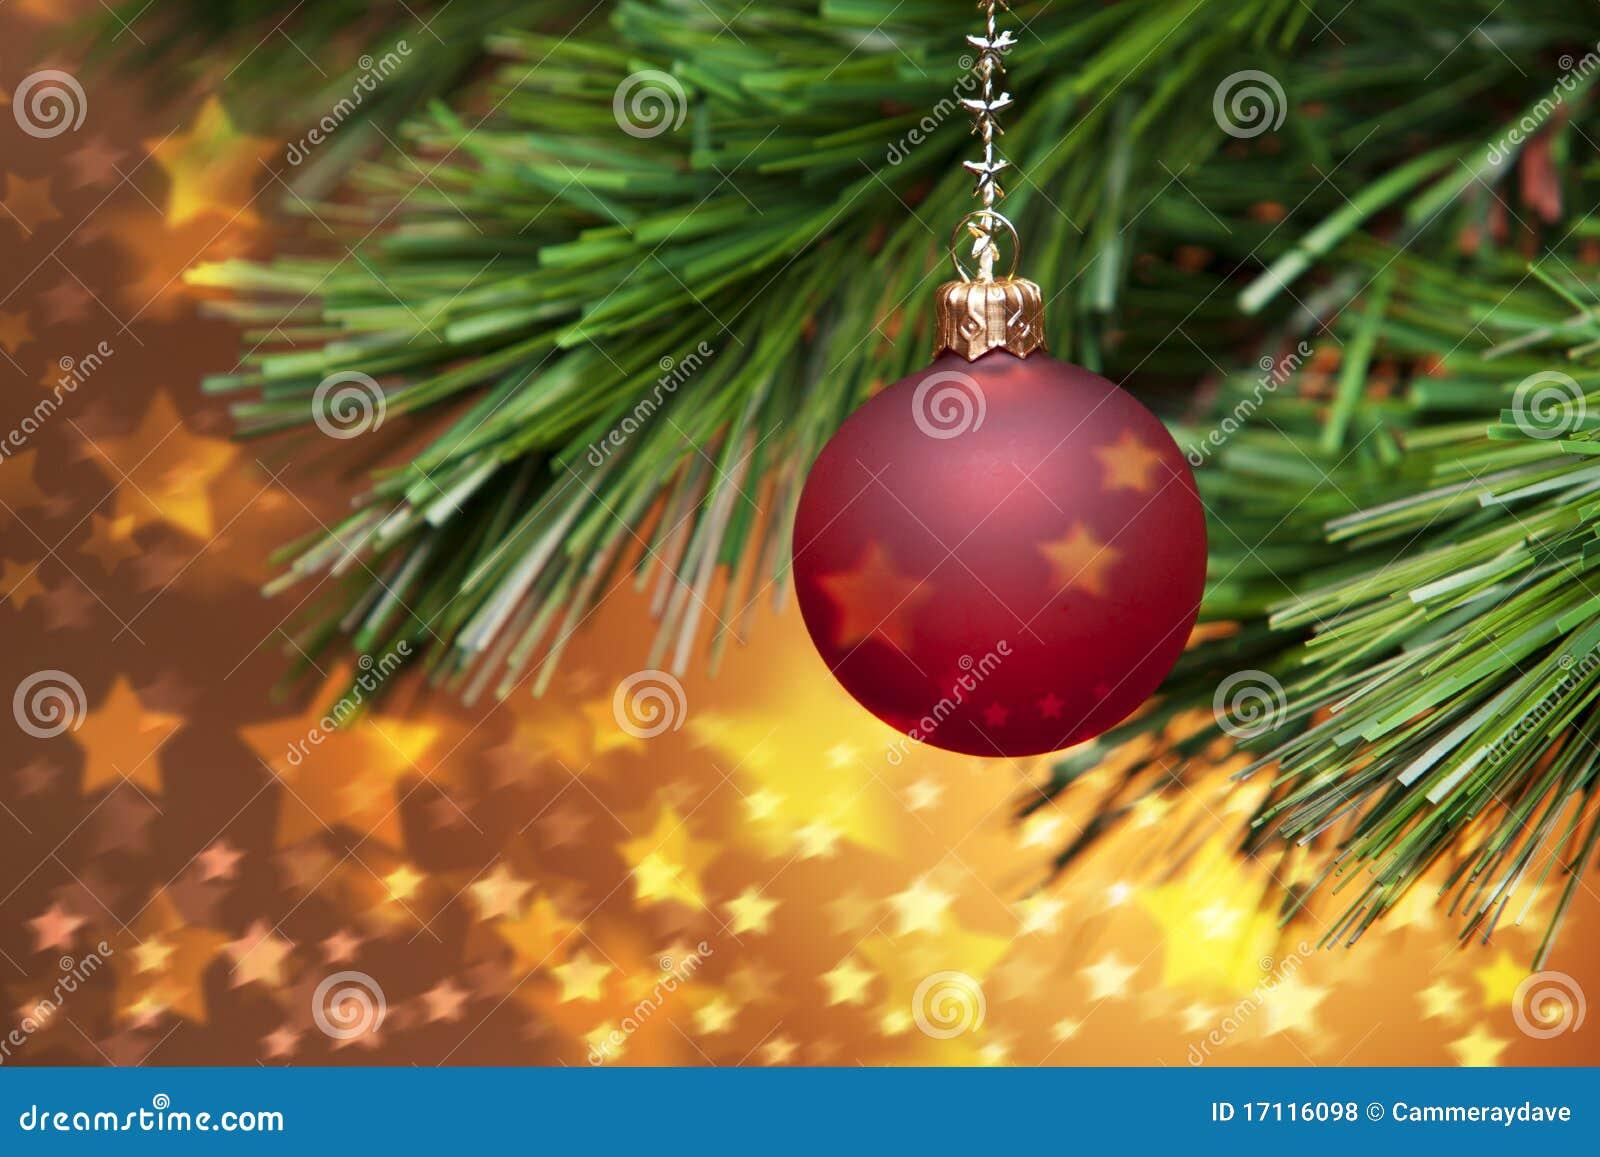 Drzewne złote Boże Narodzenie gwiazdy